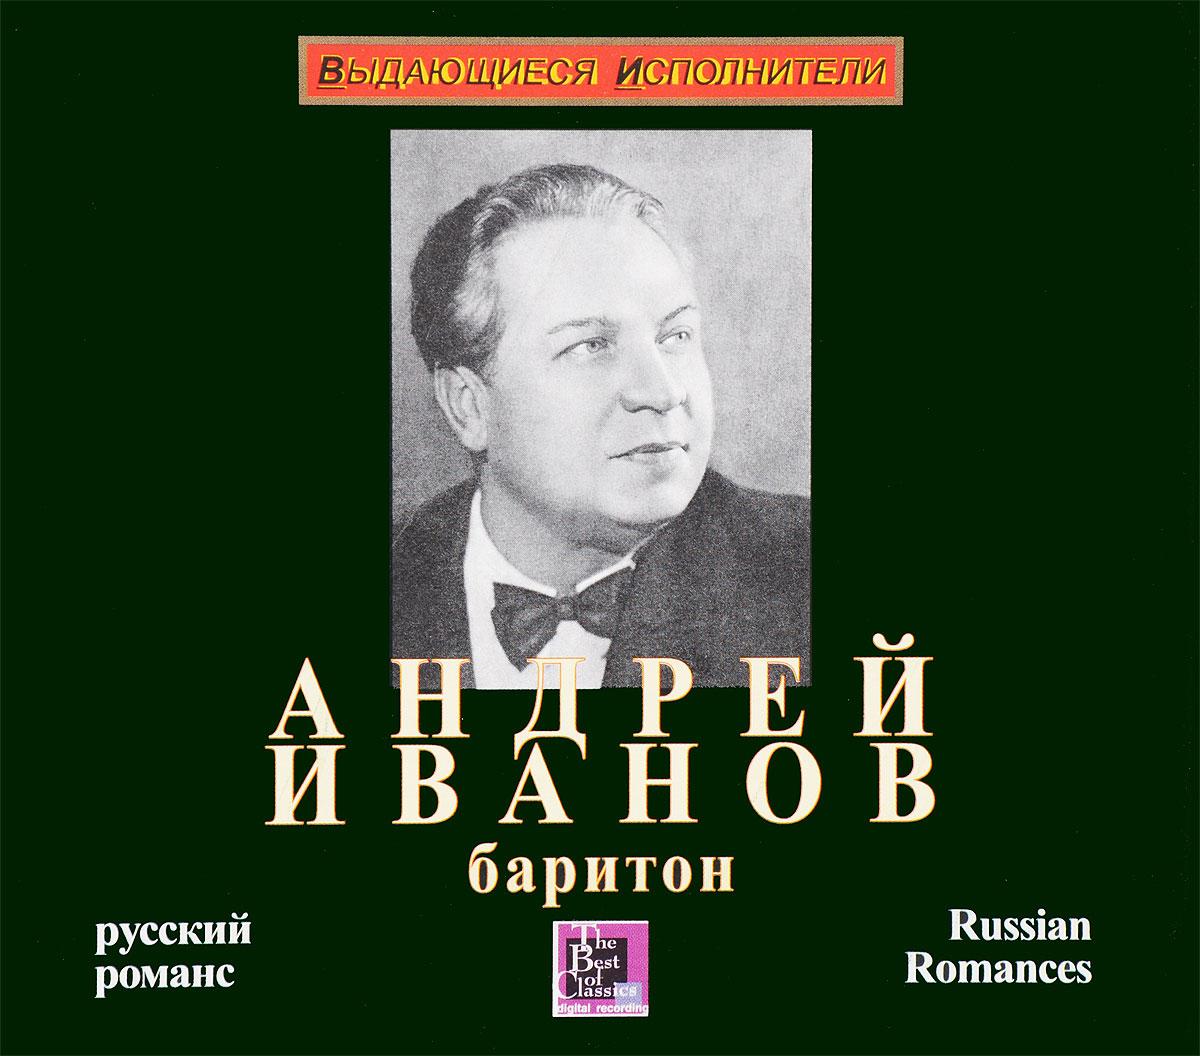 Андрей Иванов Андрей Иванов. Русский романс